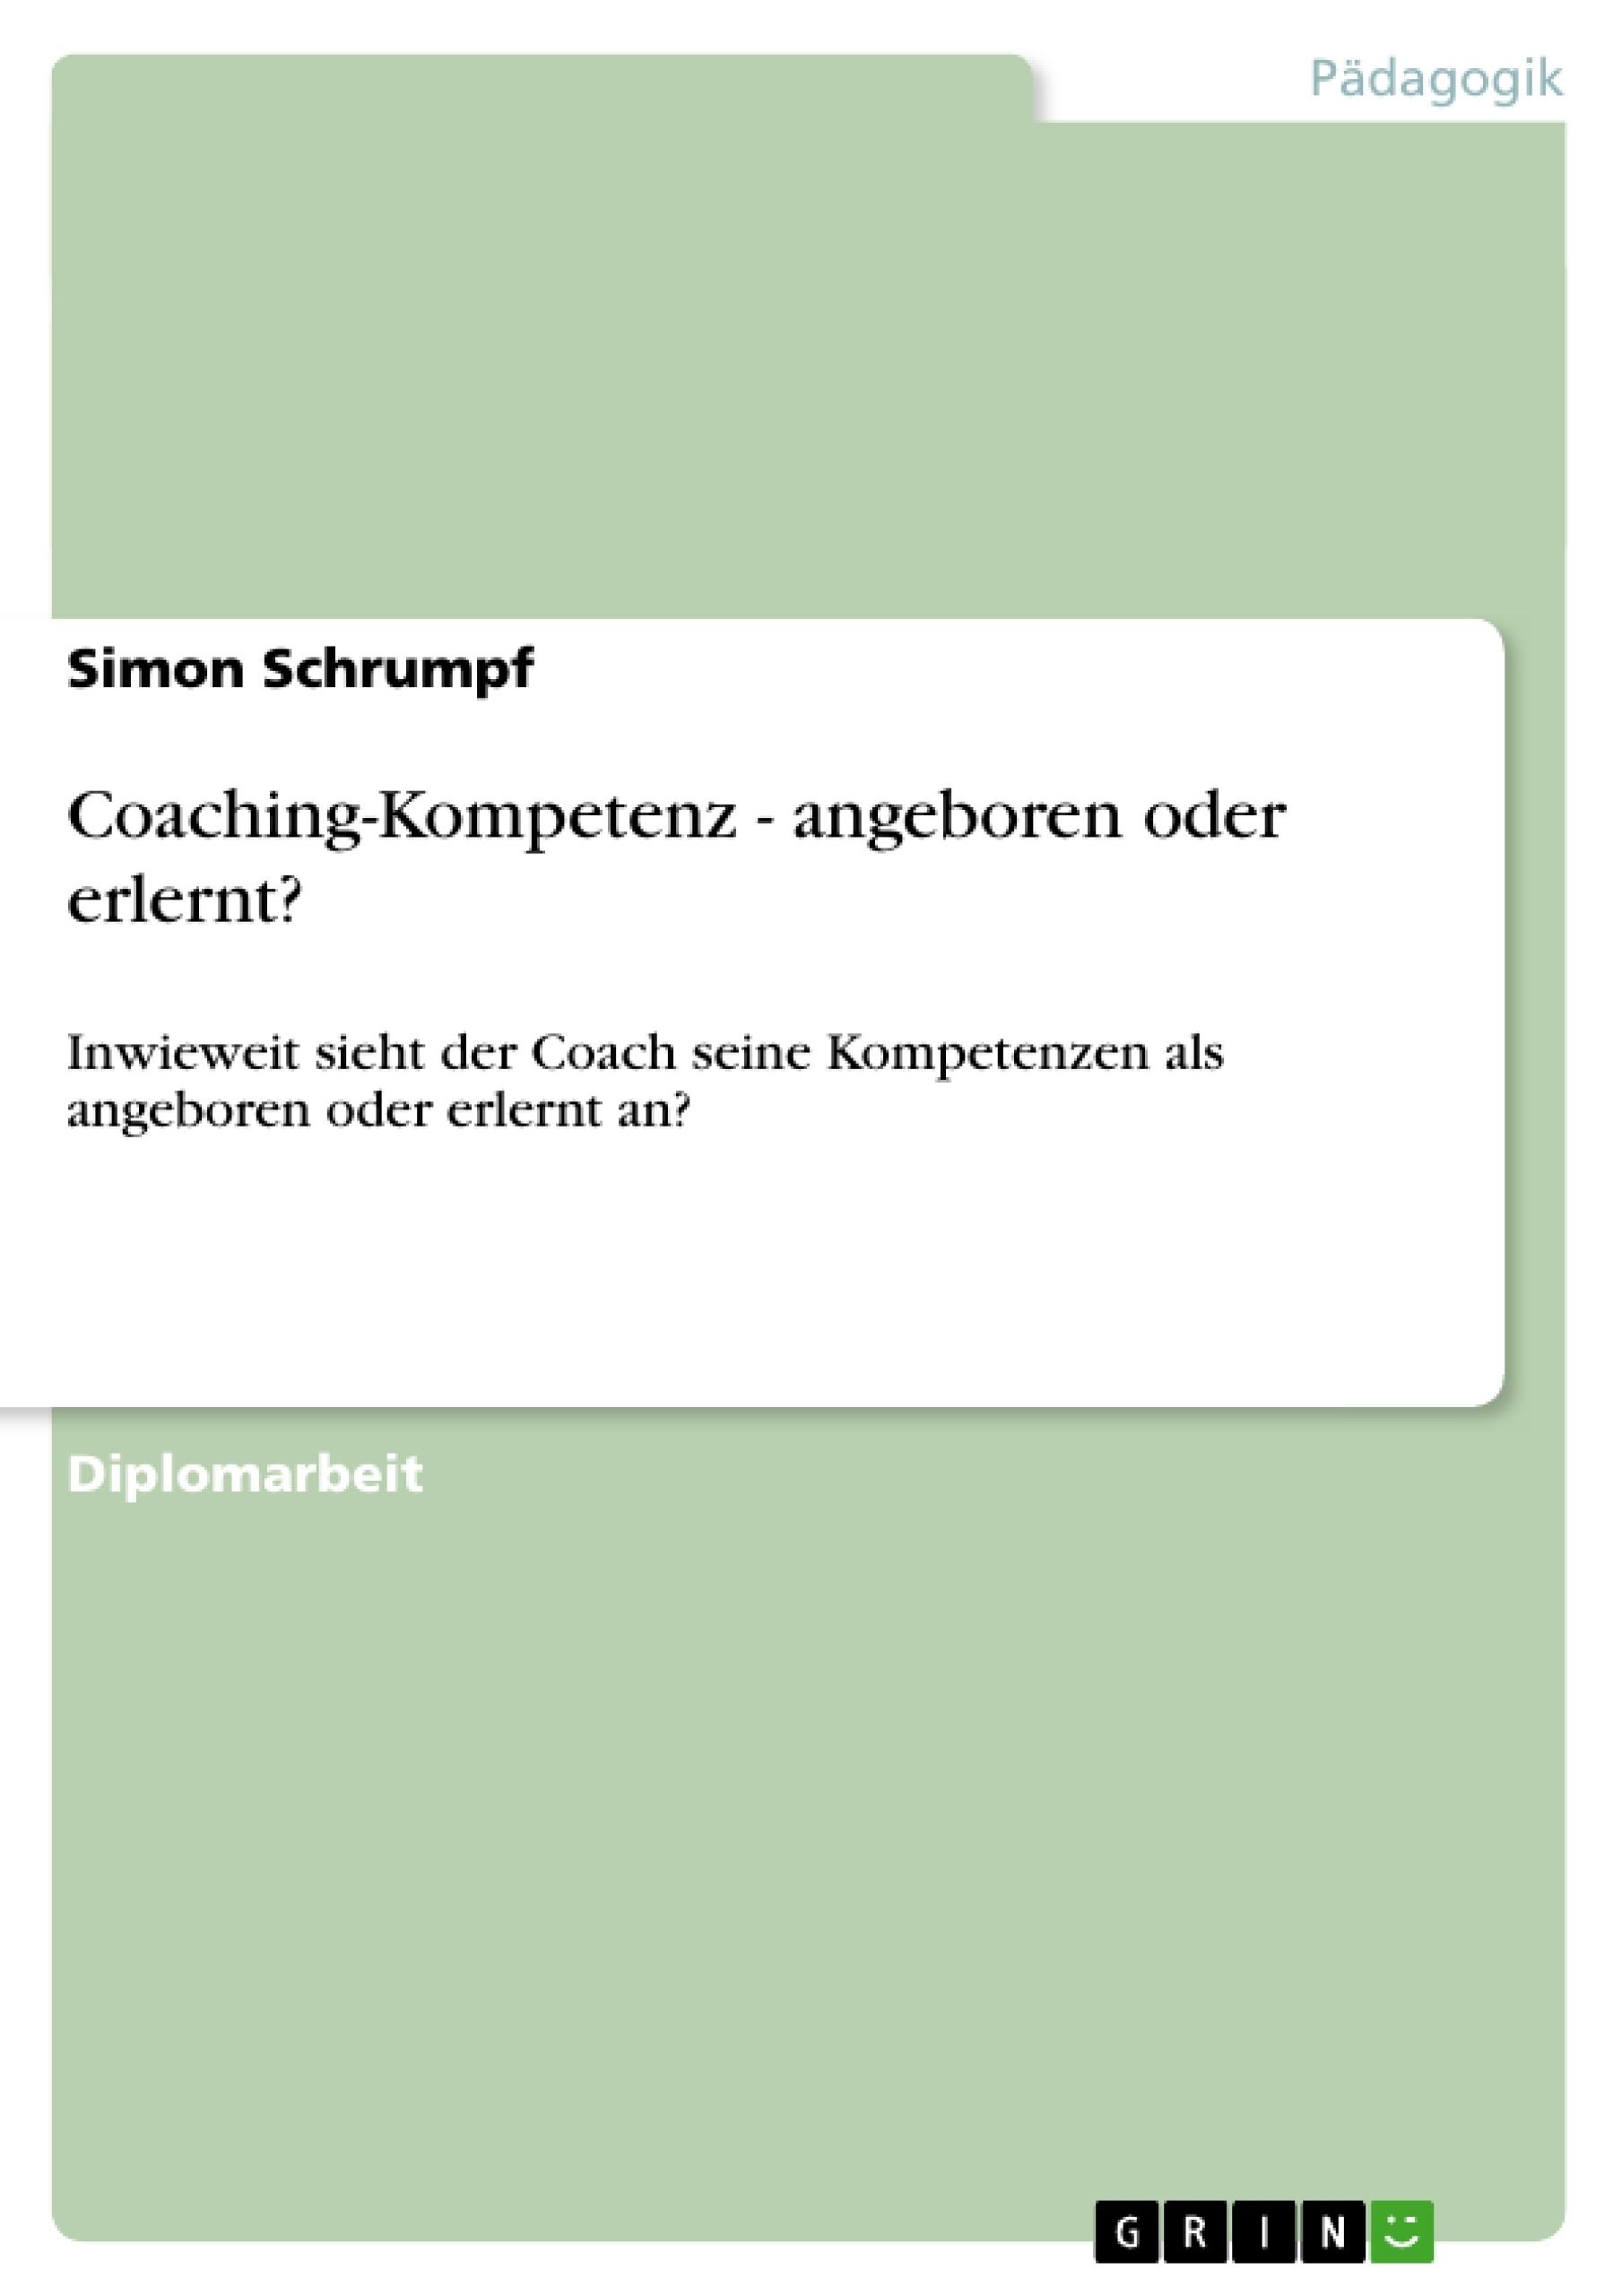 Fein Beispiel Lebenslauf Gastfreundschaft Fähigkeiten Liste Galerie ...